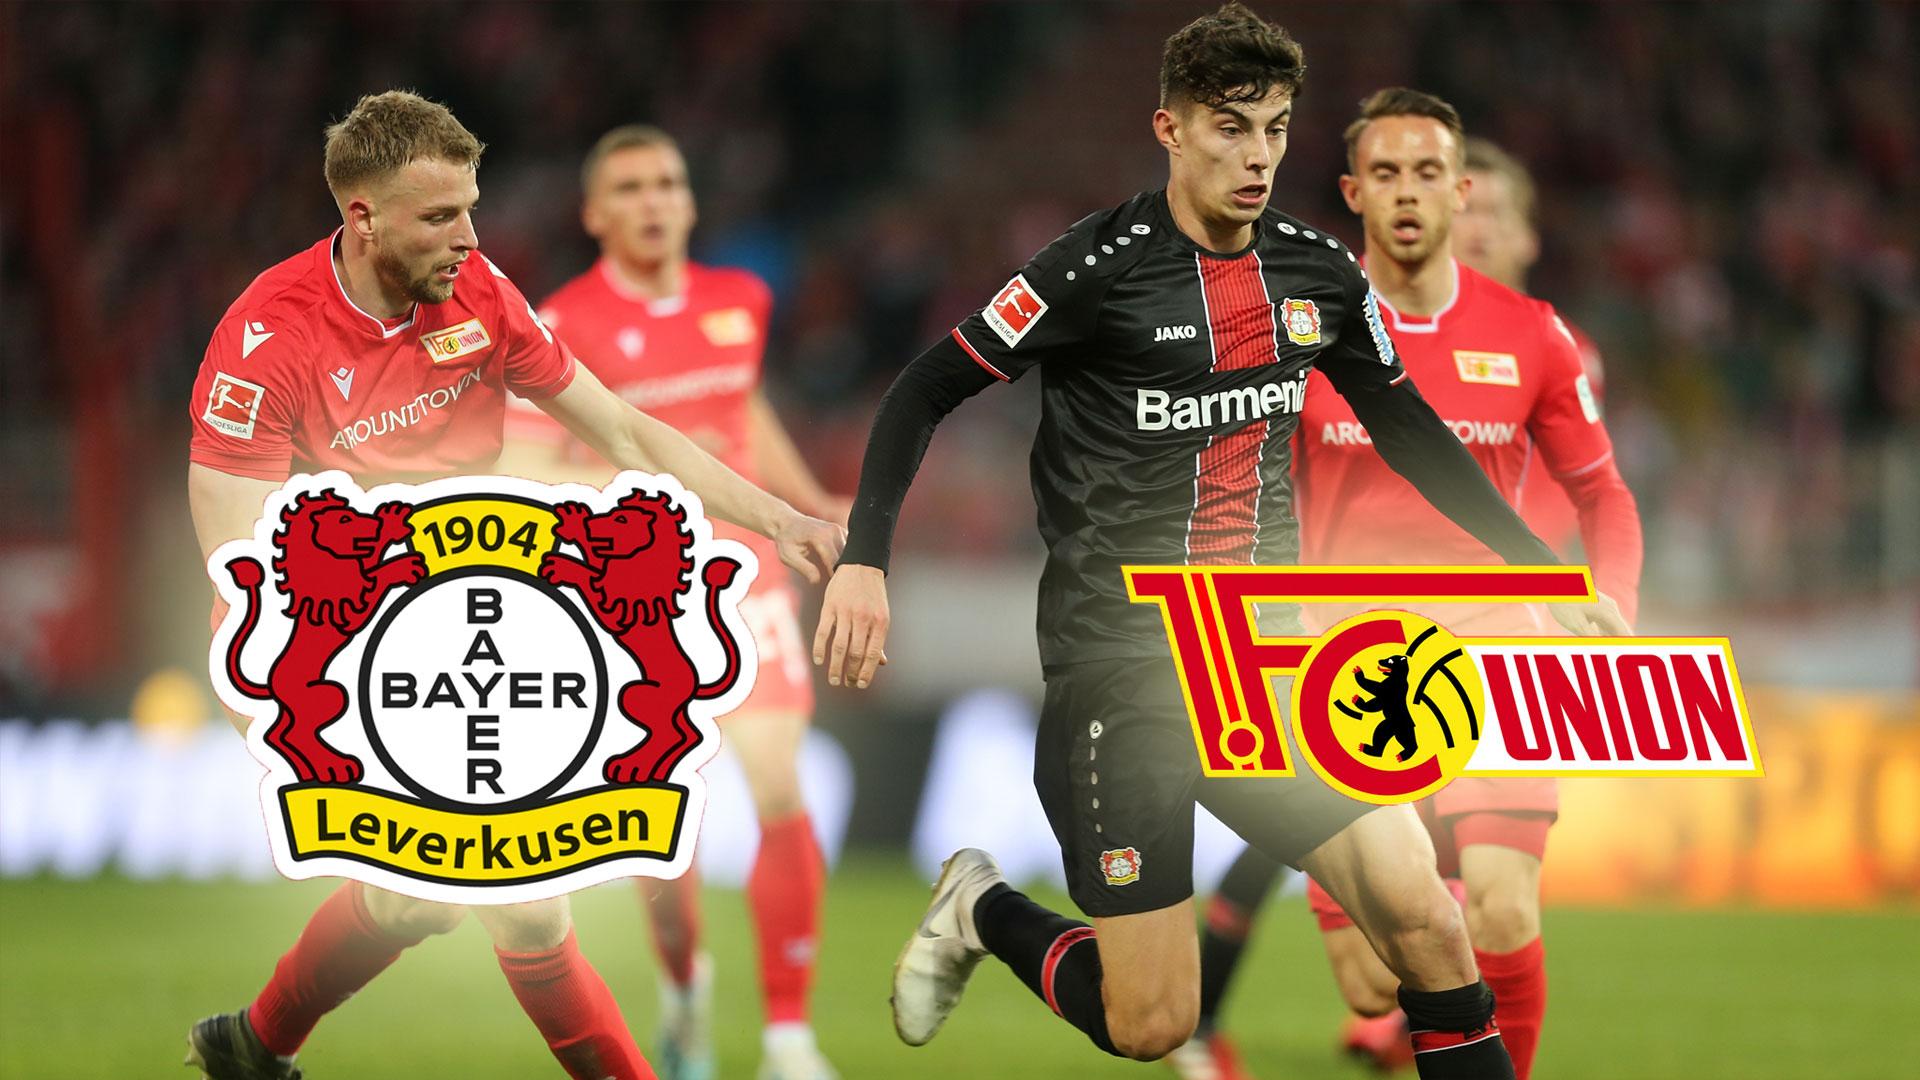 Leverkusen Union Berlin